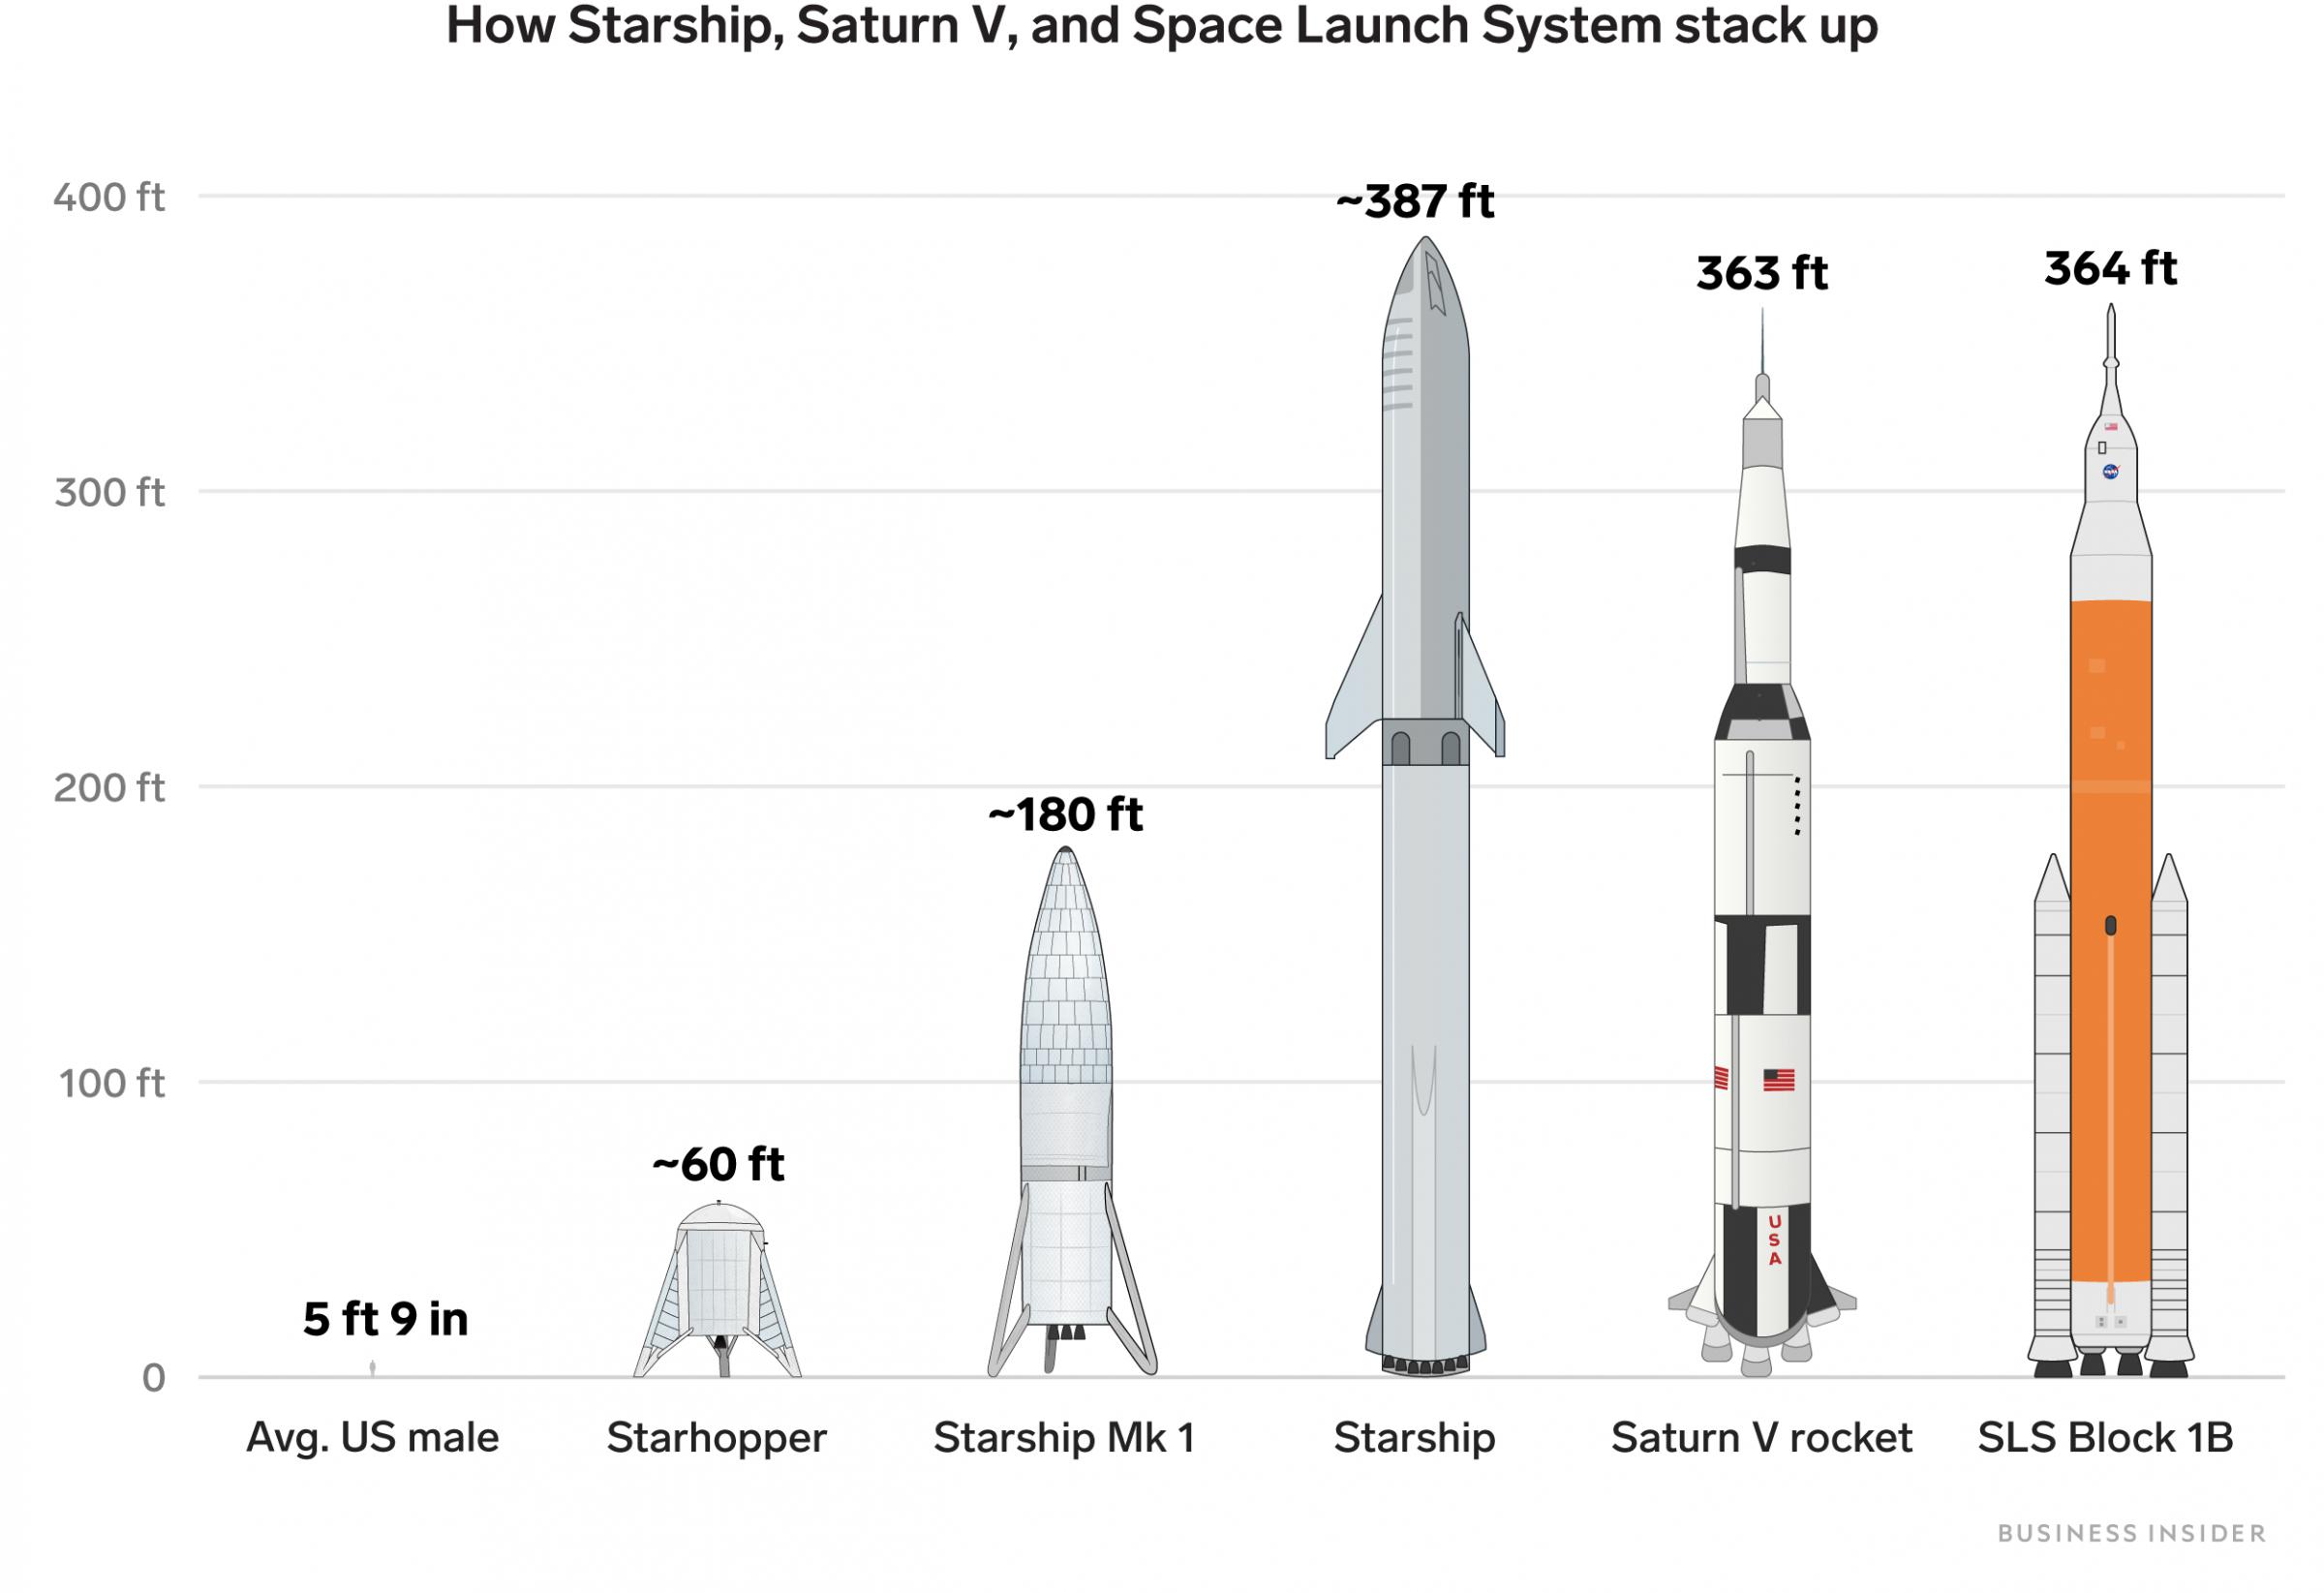 SpaceX провела летные испытания прототипа ракеты Starship — взлет на высоту 150 метров и мягкая посадка на площадку - 2